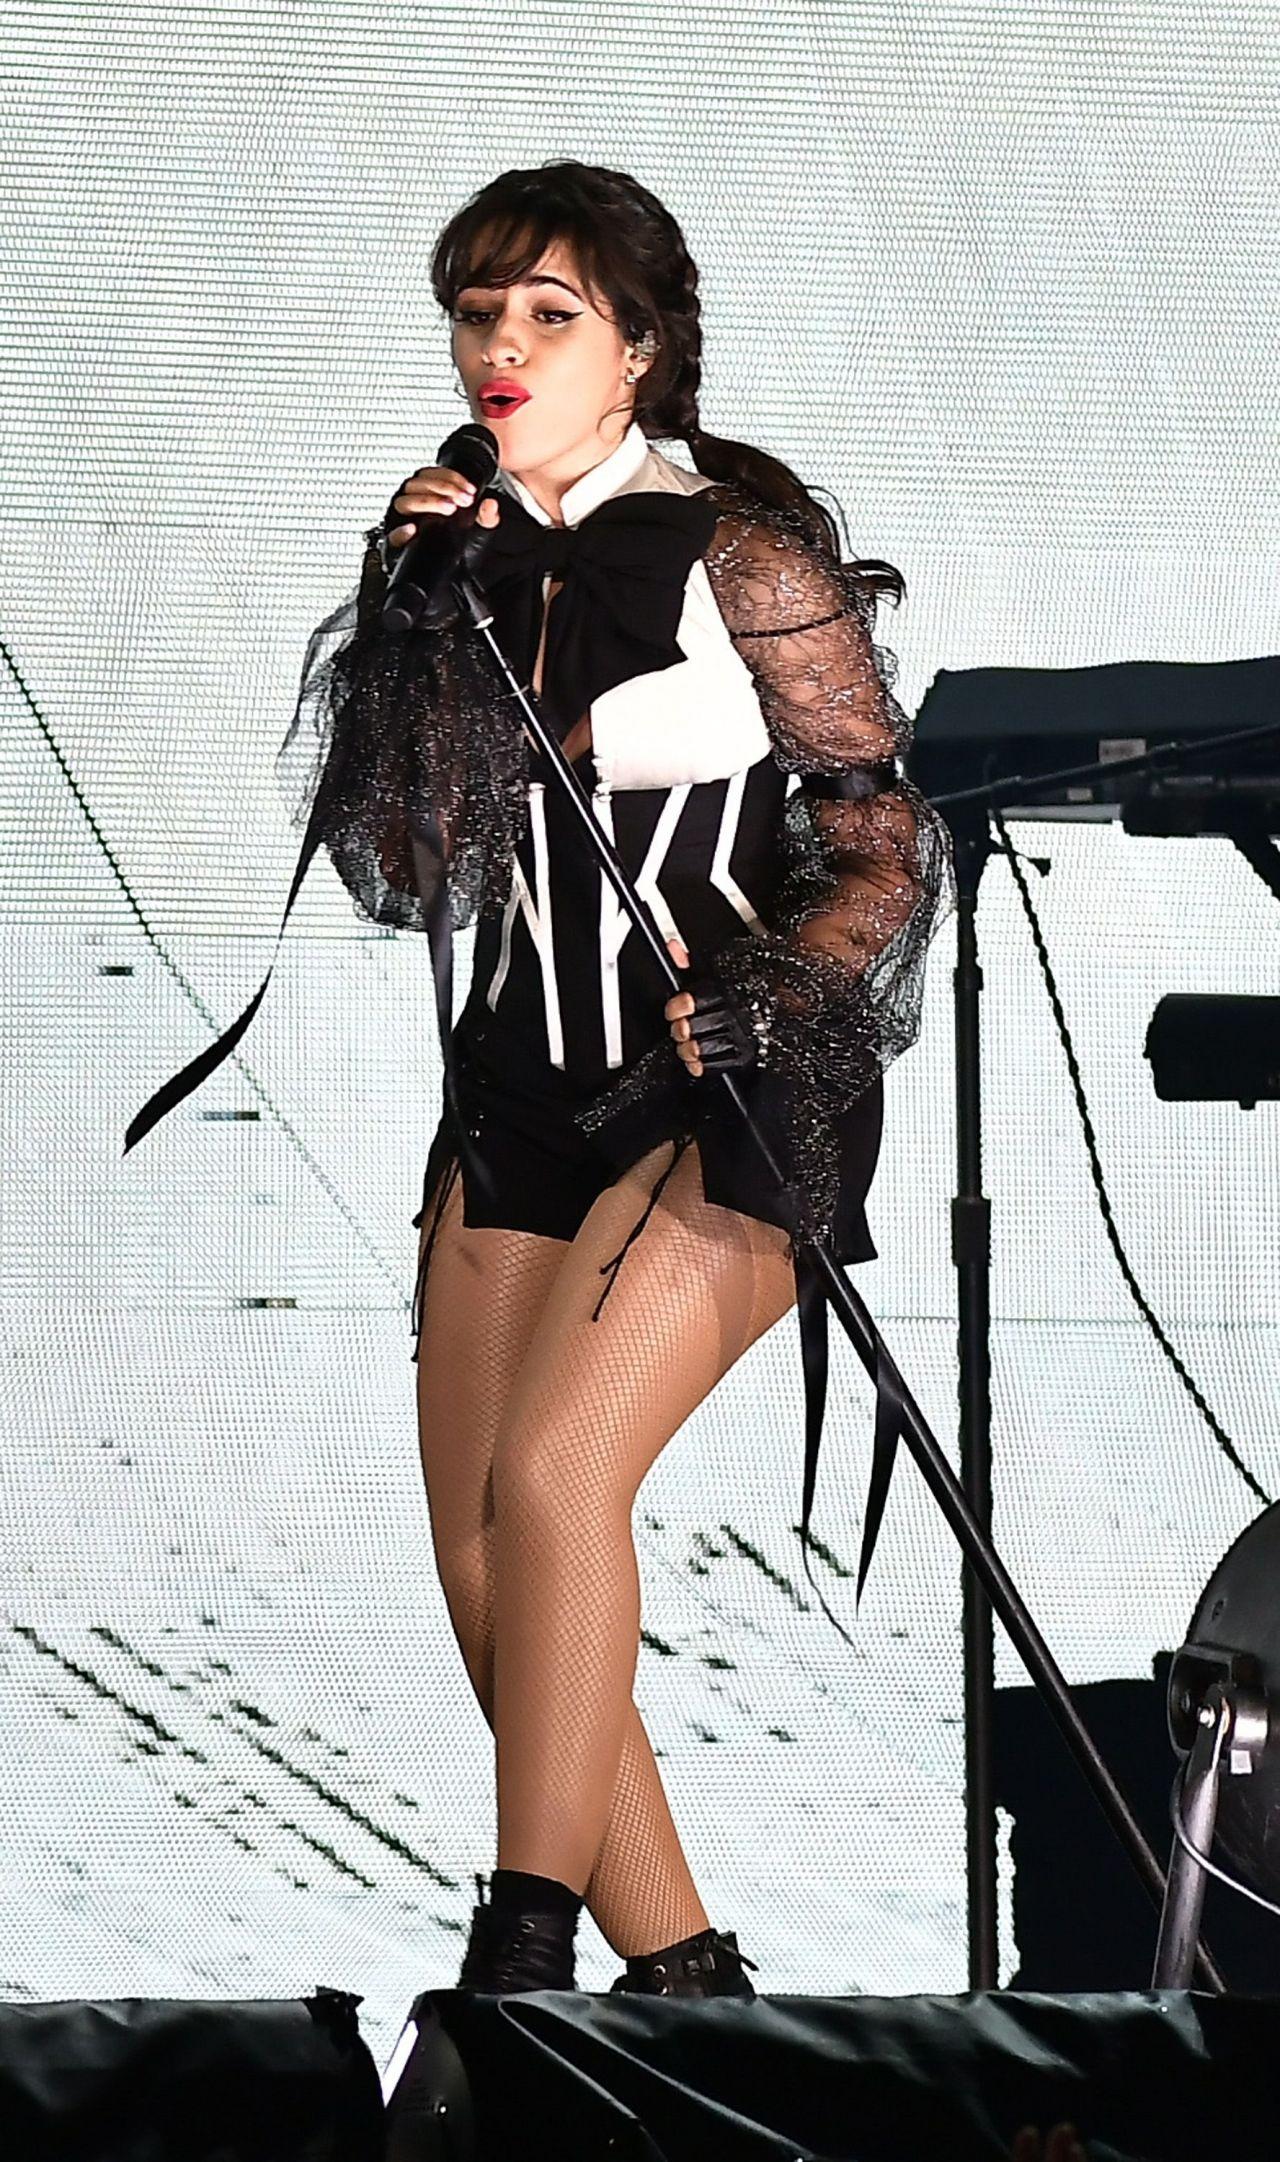 Camila Cabello In Concert At Hard Rock Stadium In Miami 08